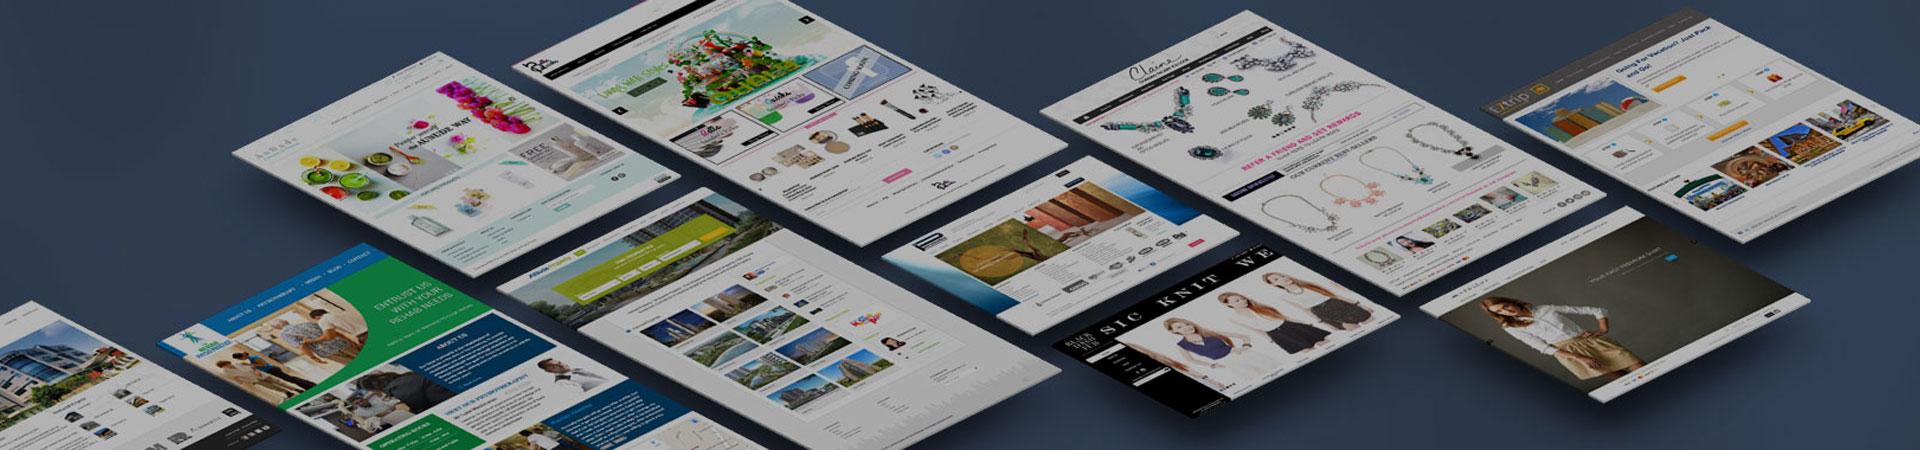 Website Design Singapore - Airestec